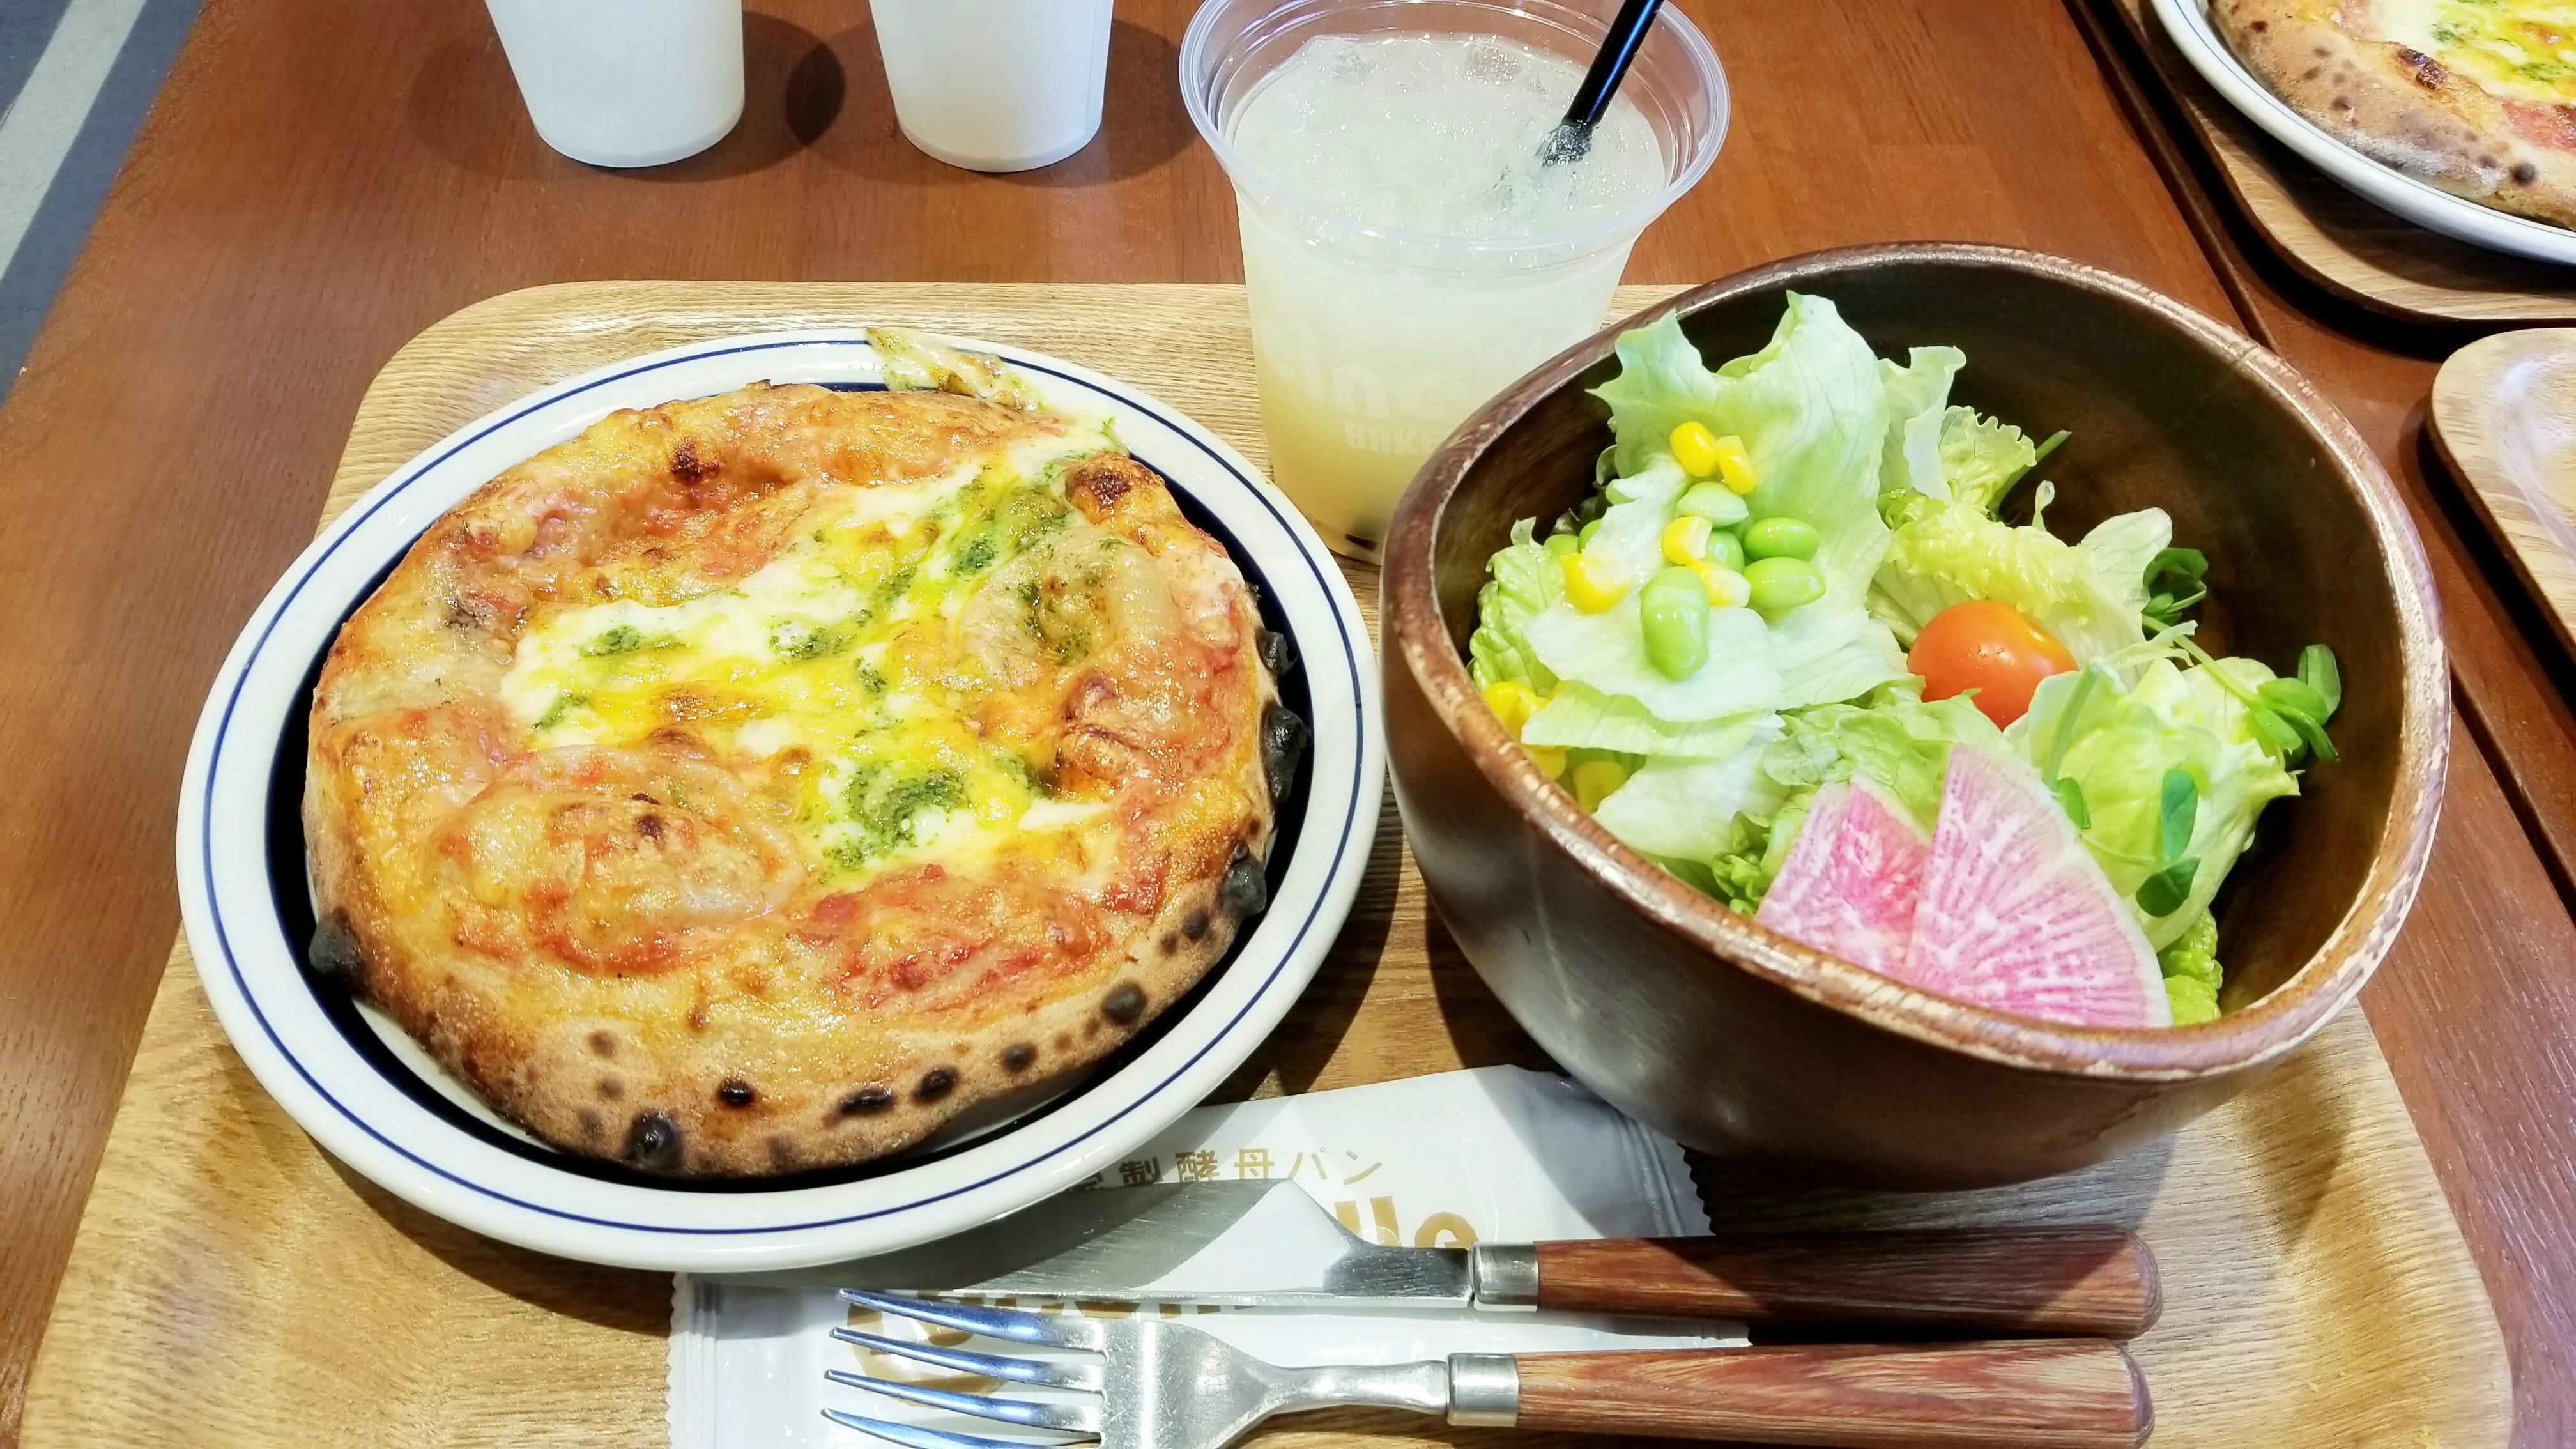 愛媛県松山市美味しいおすすめパン屋ピザワンコインランチコシニール